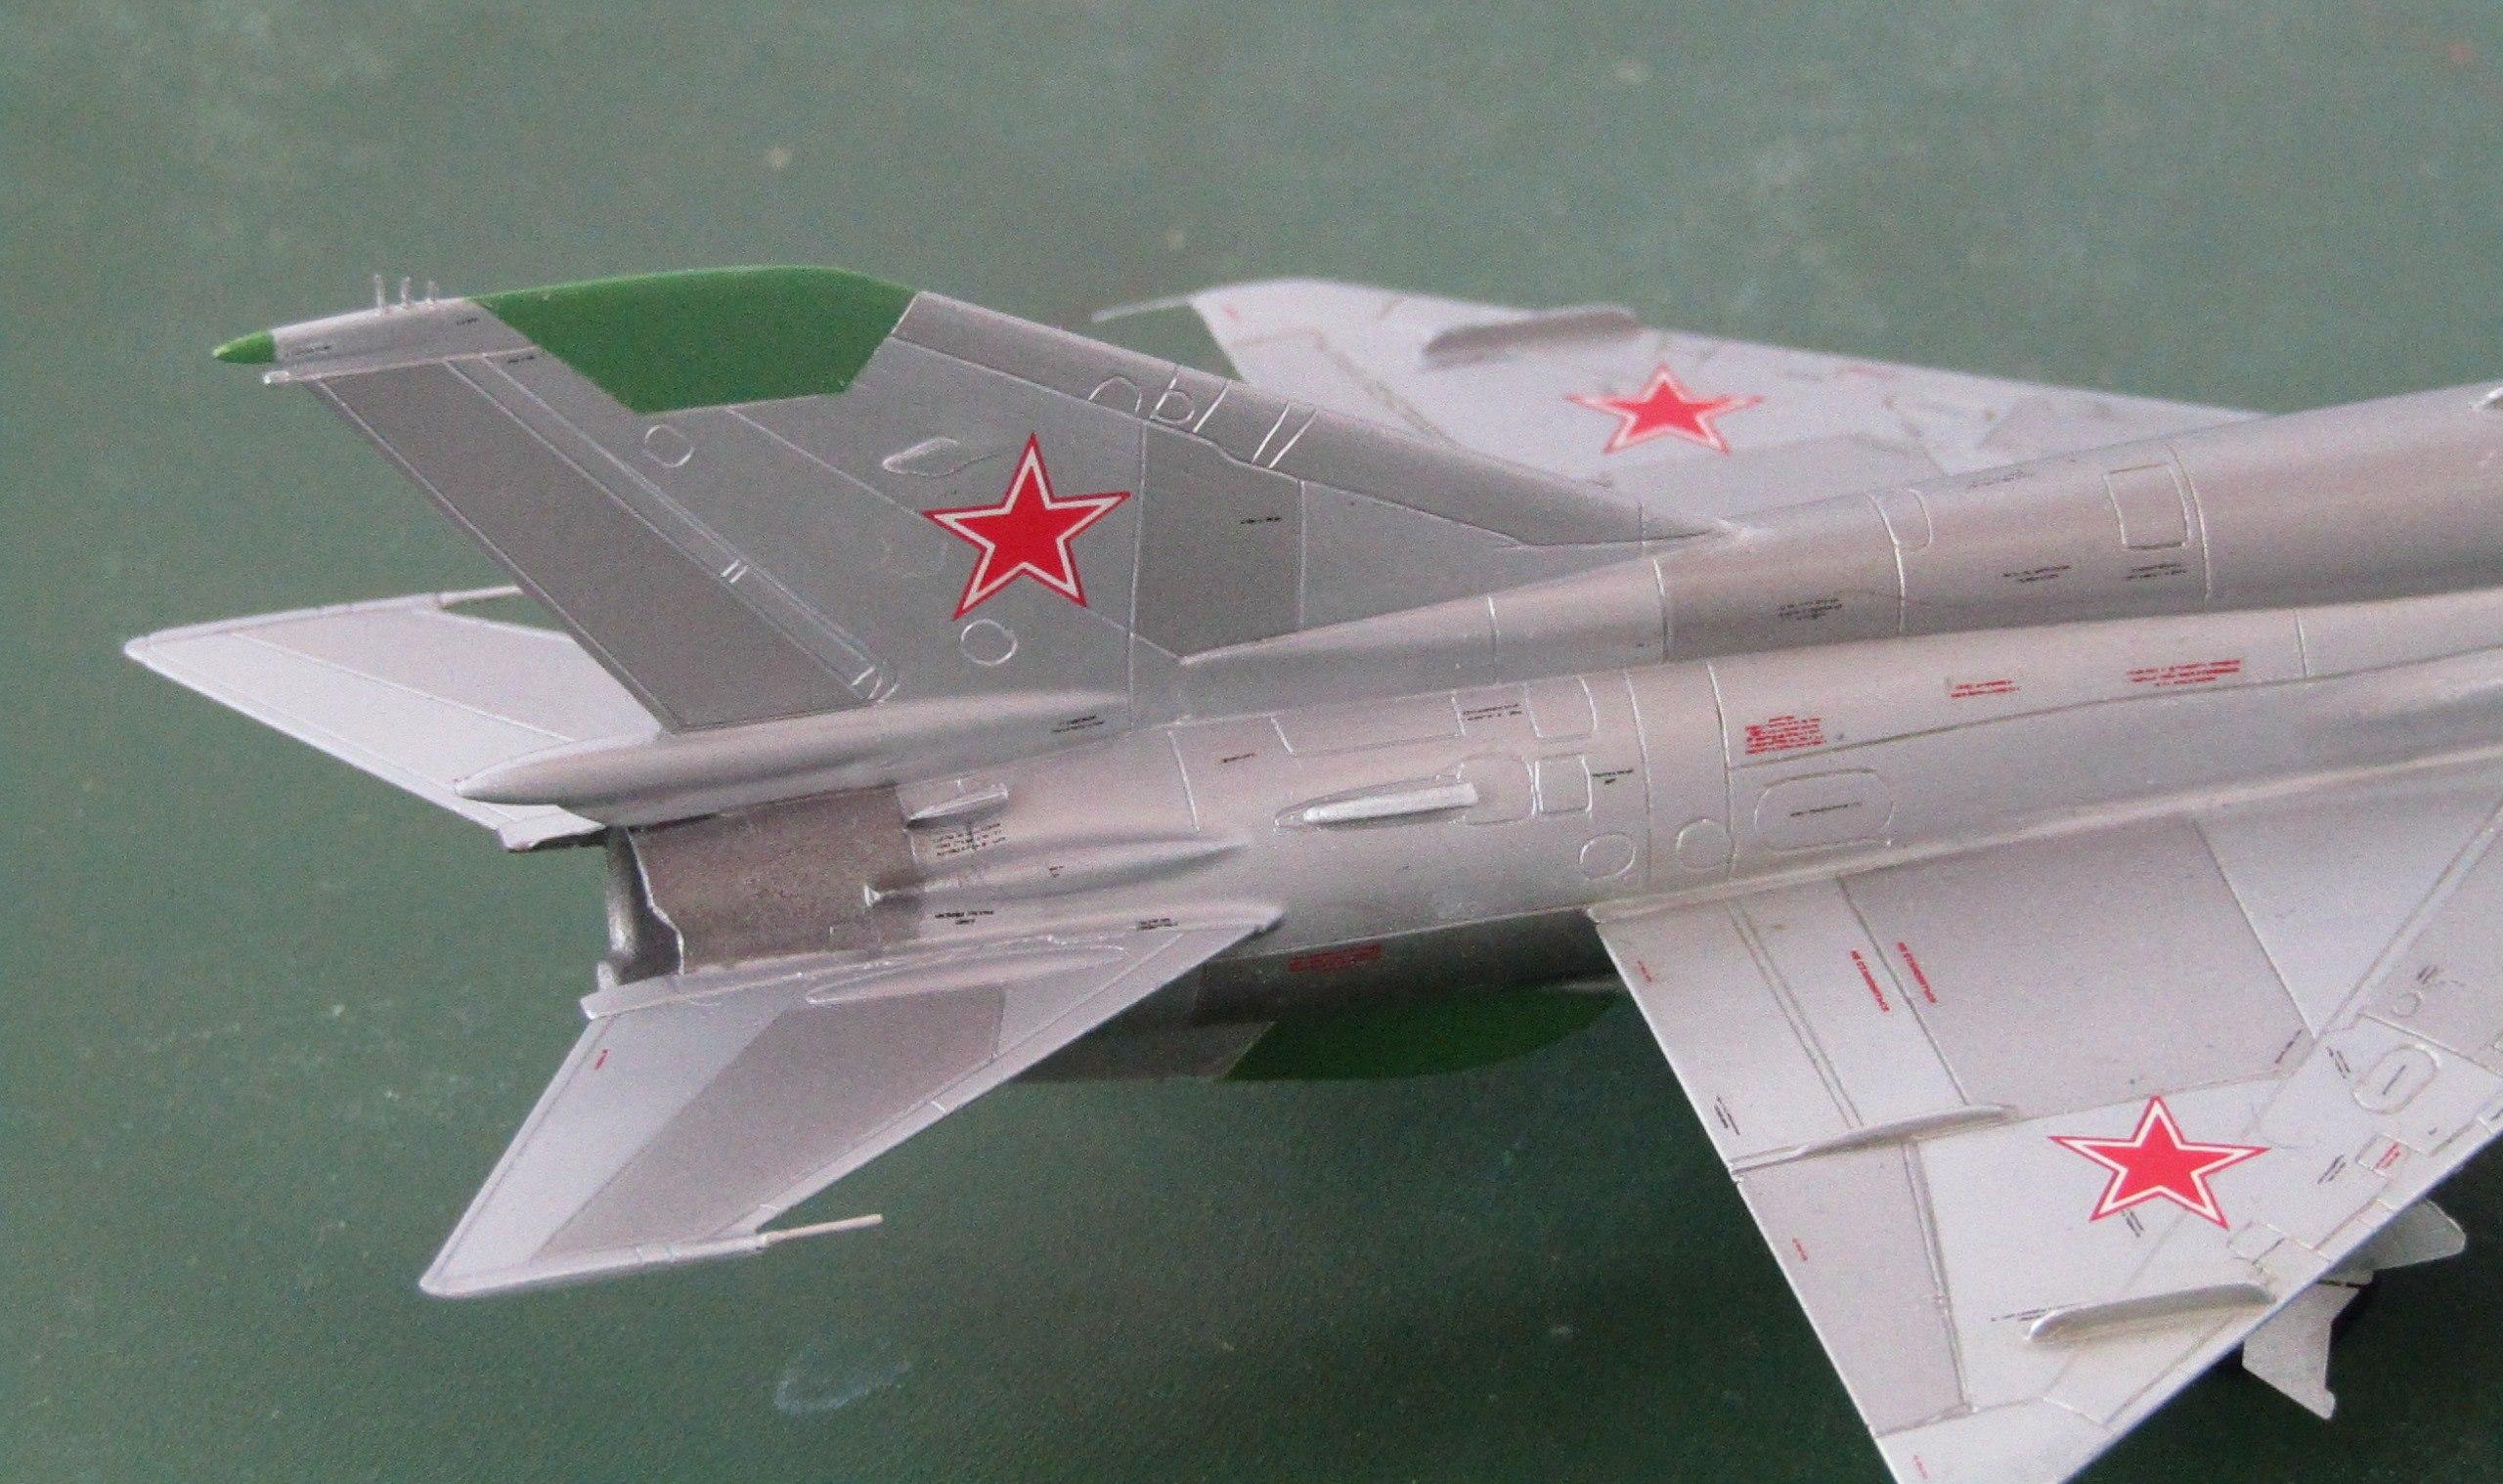 МиГ-21БИС 1/72 (Звезда) AmPm3Z5GaHQ